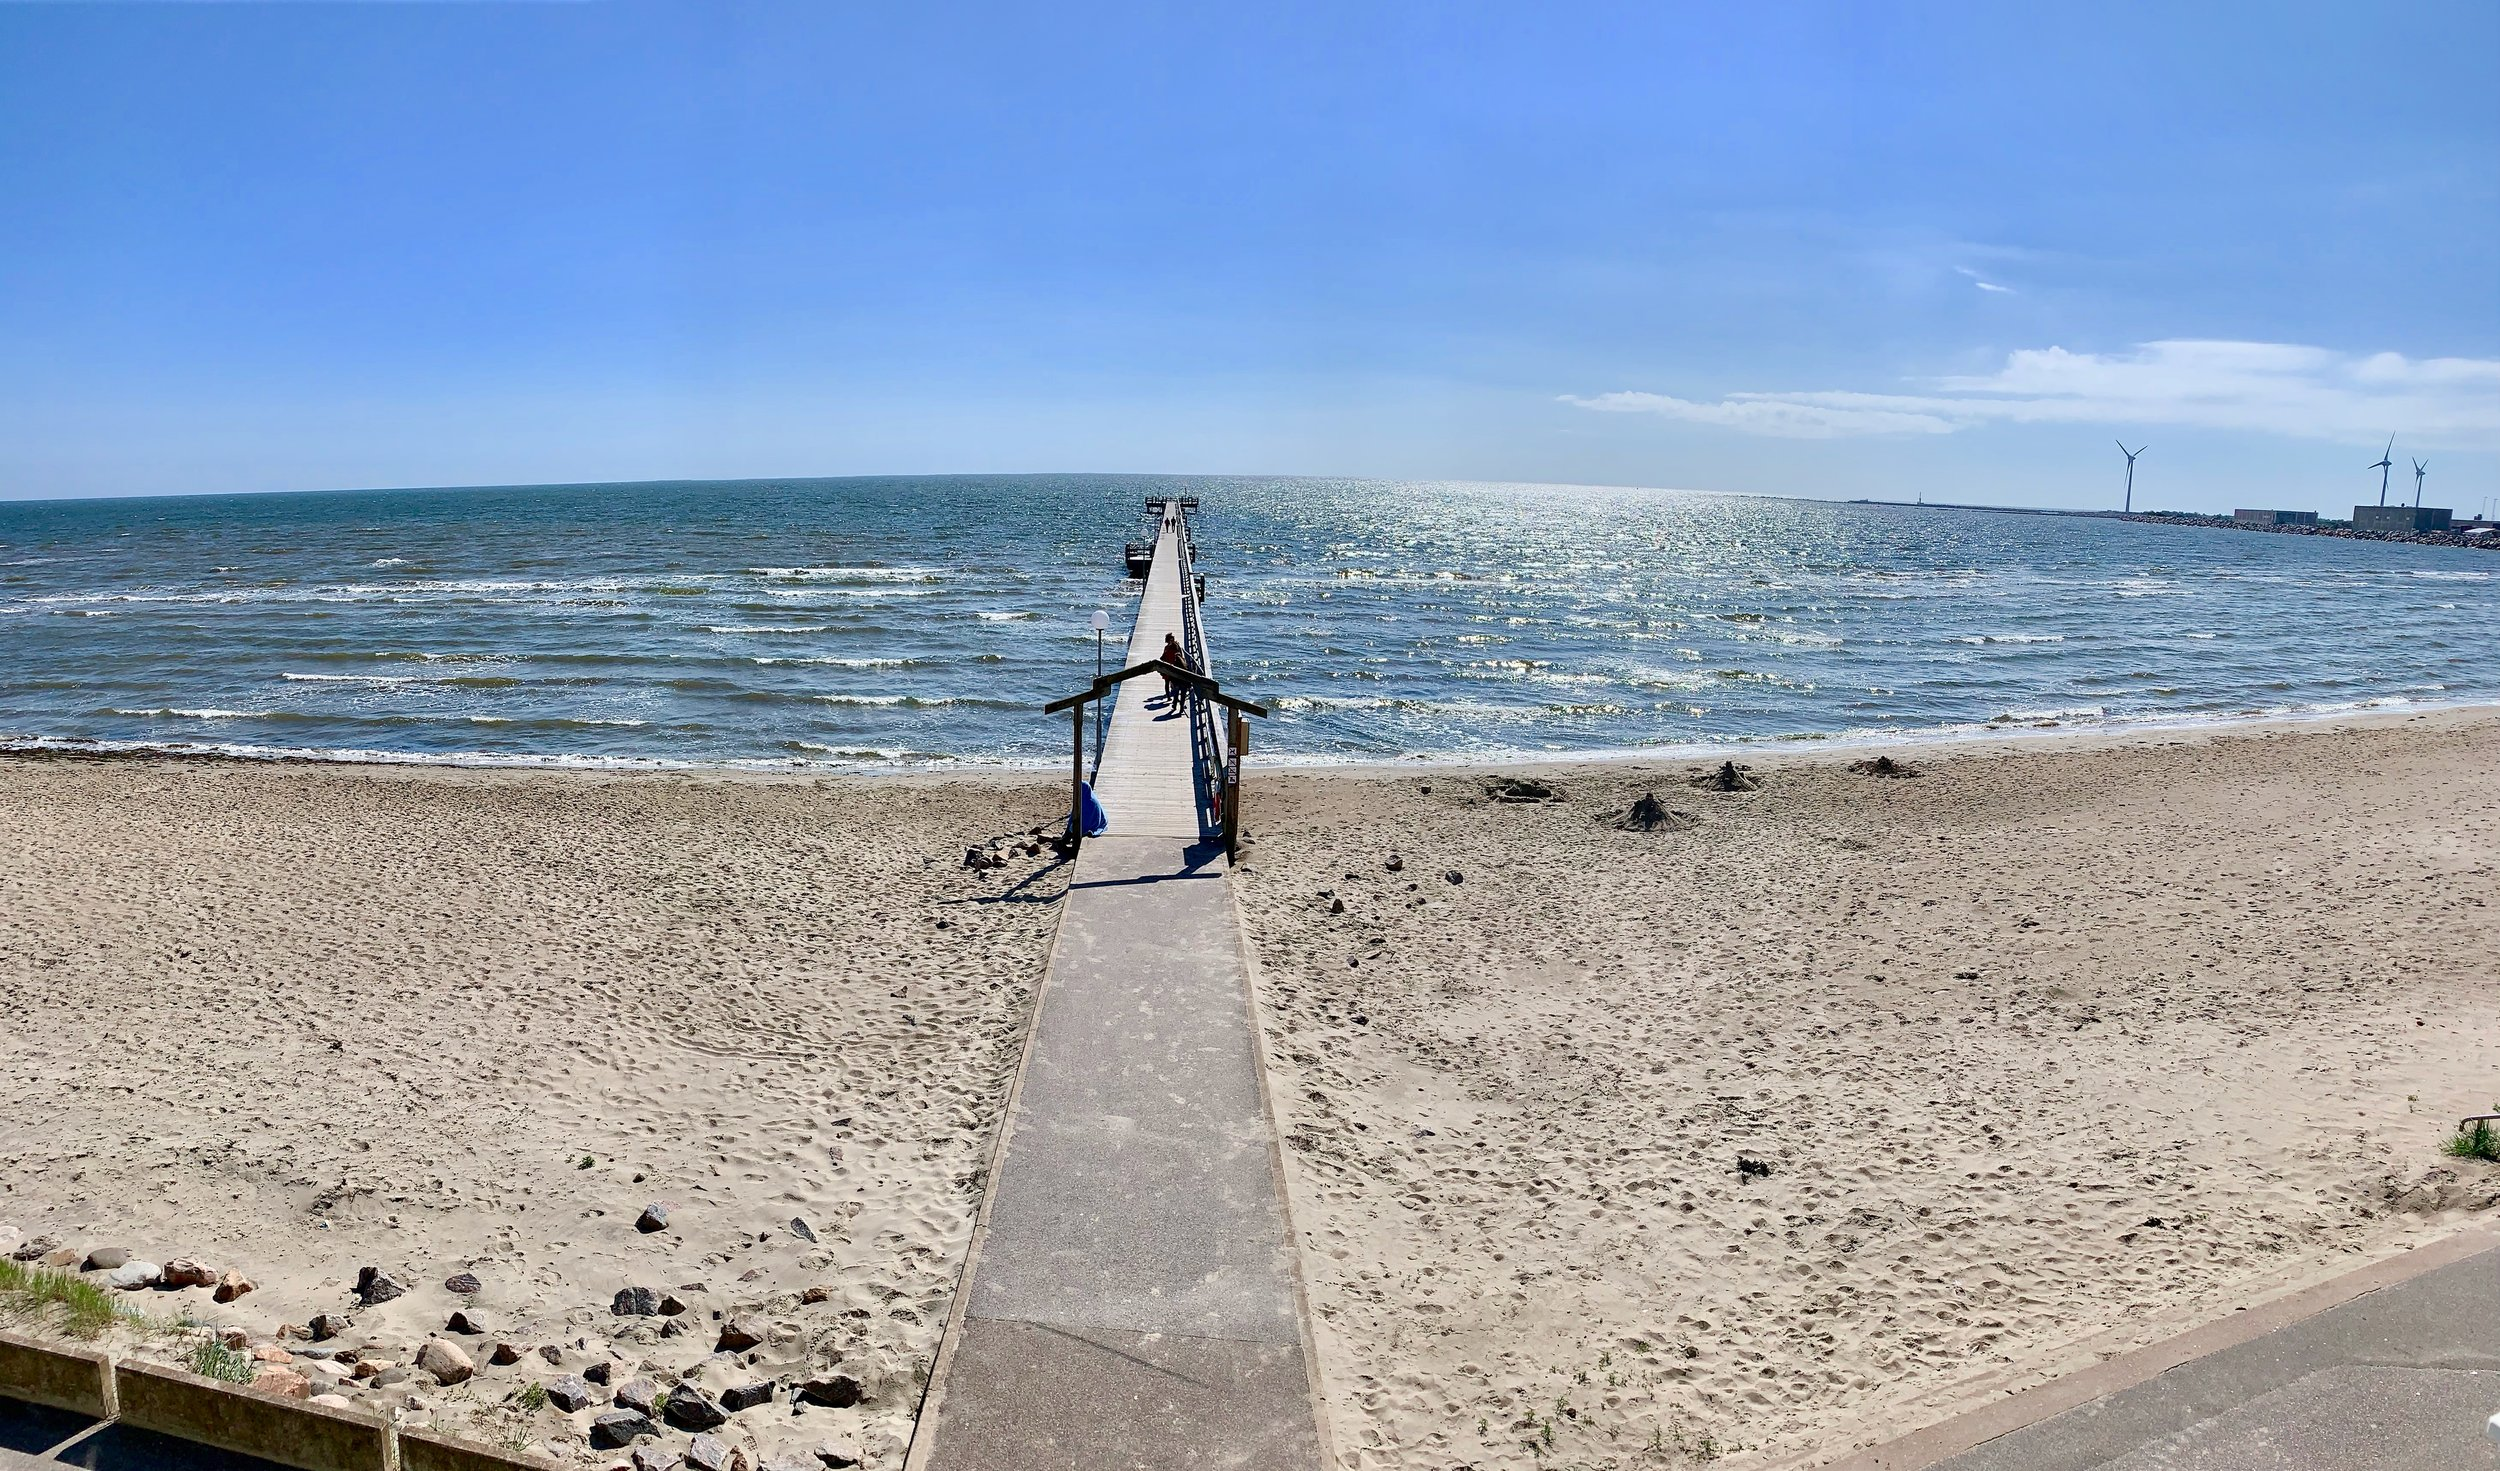 Slik er utsikten fra strandhotellet ved Falkenberg. Foto: Odd Roar Lange